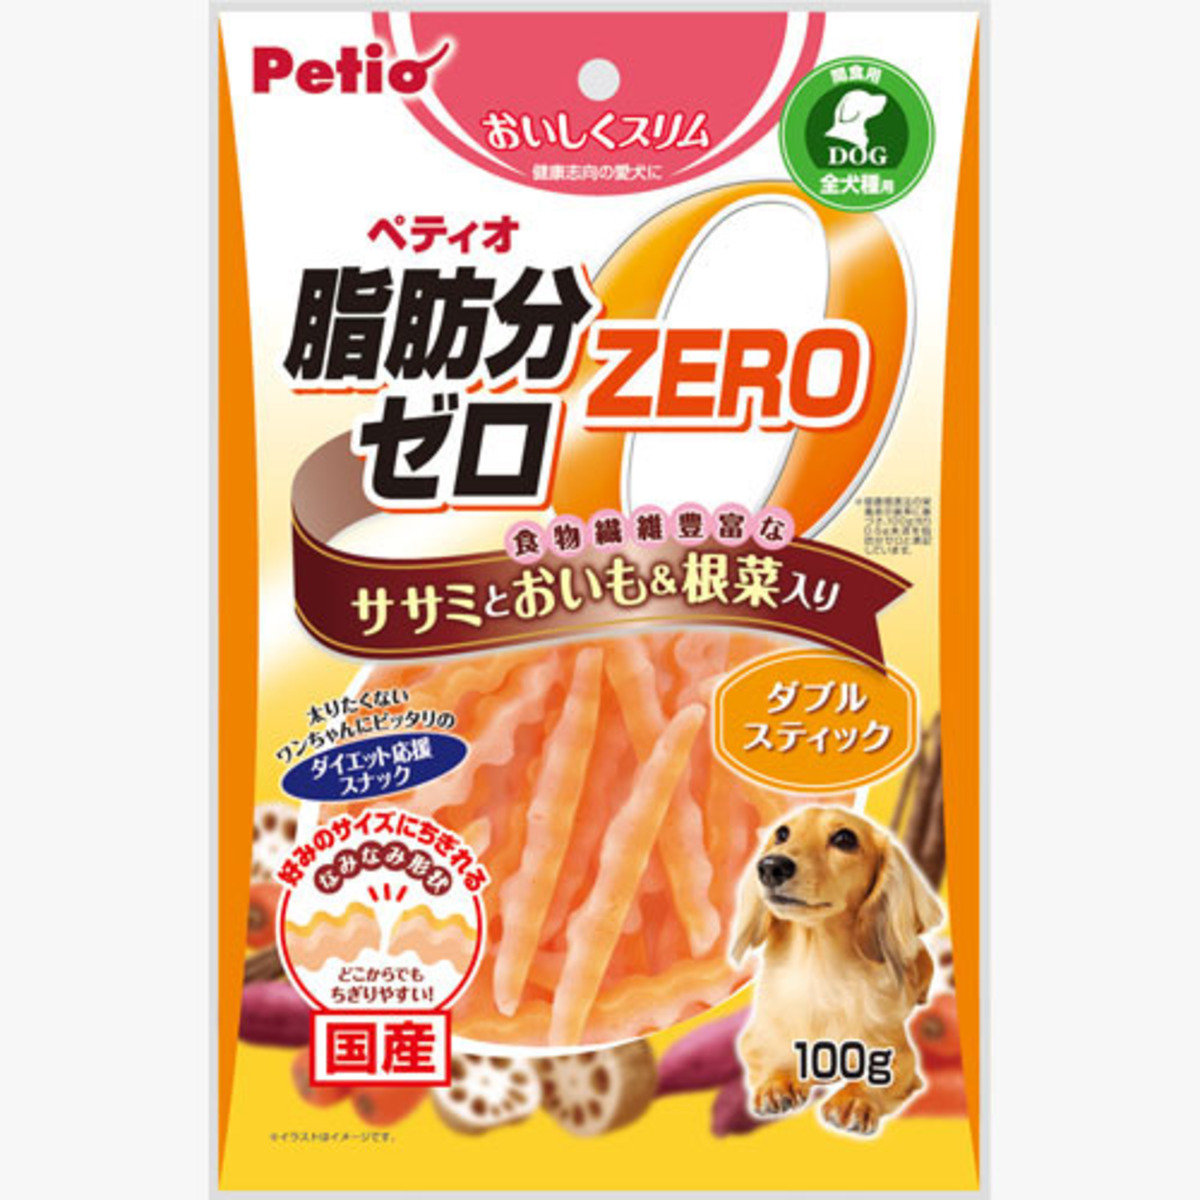 狗小食低脂雞胸肉及甘薯雙色波浪條(W12036)